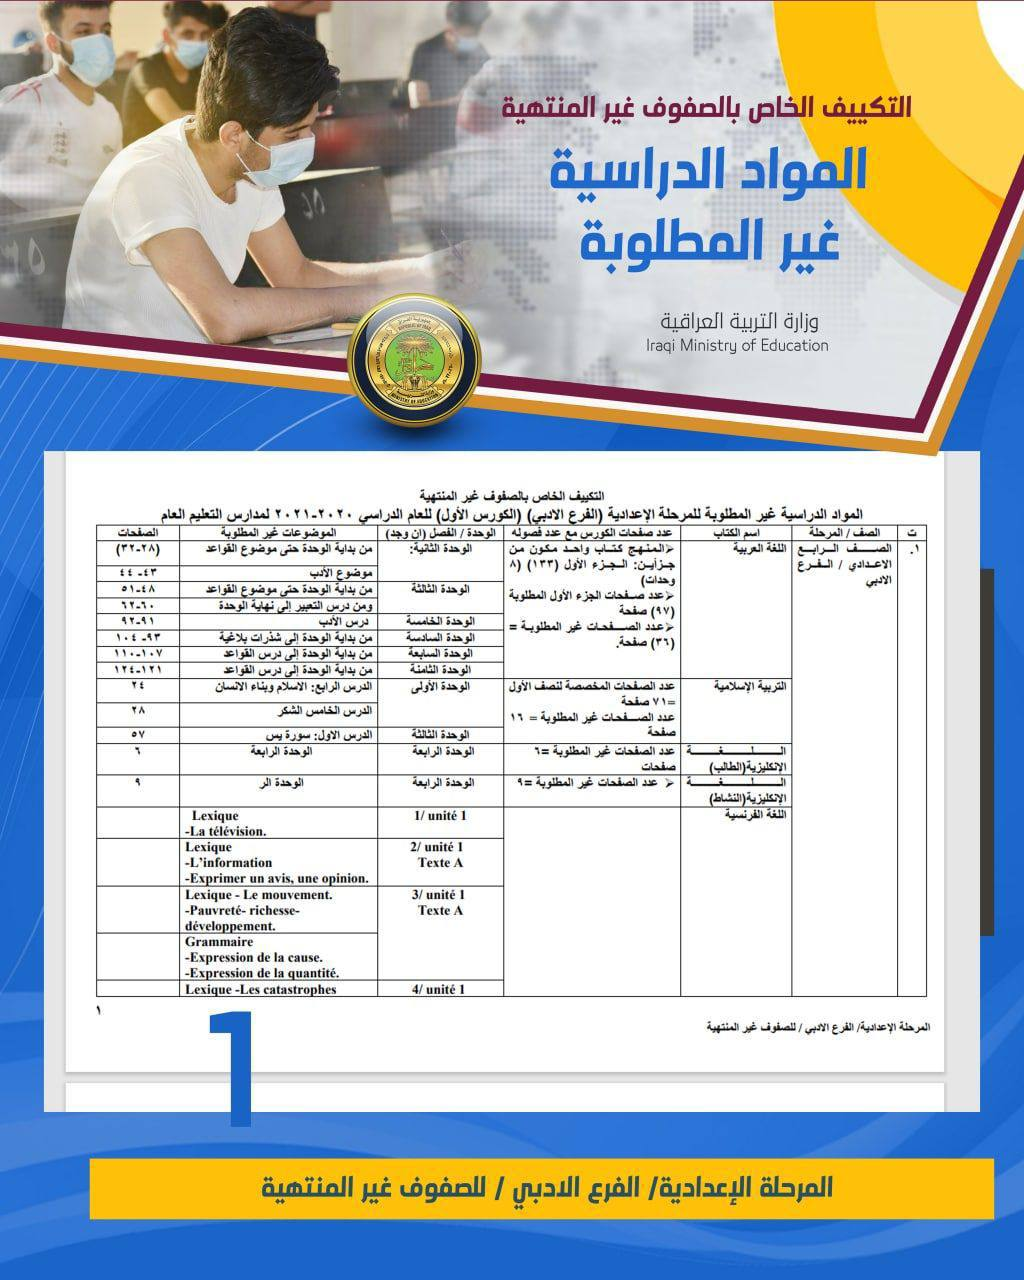 وزارة التربية تنشر تكييف منهاج المراحل غير المنتهية / الدراسة الاعدادية (الفرع الادبي)